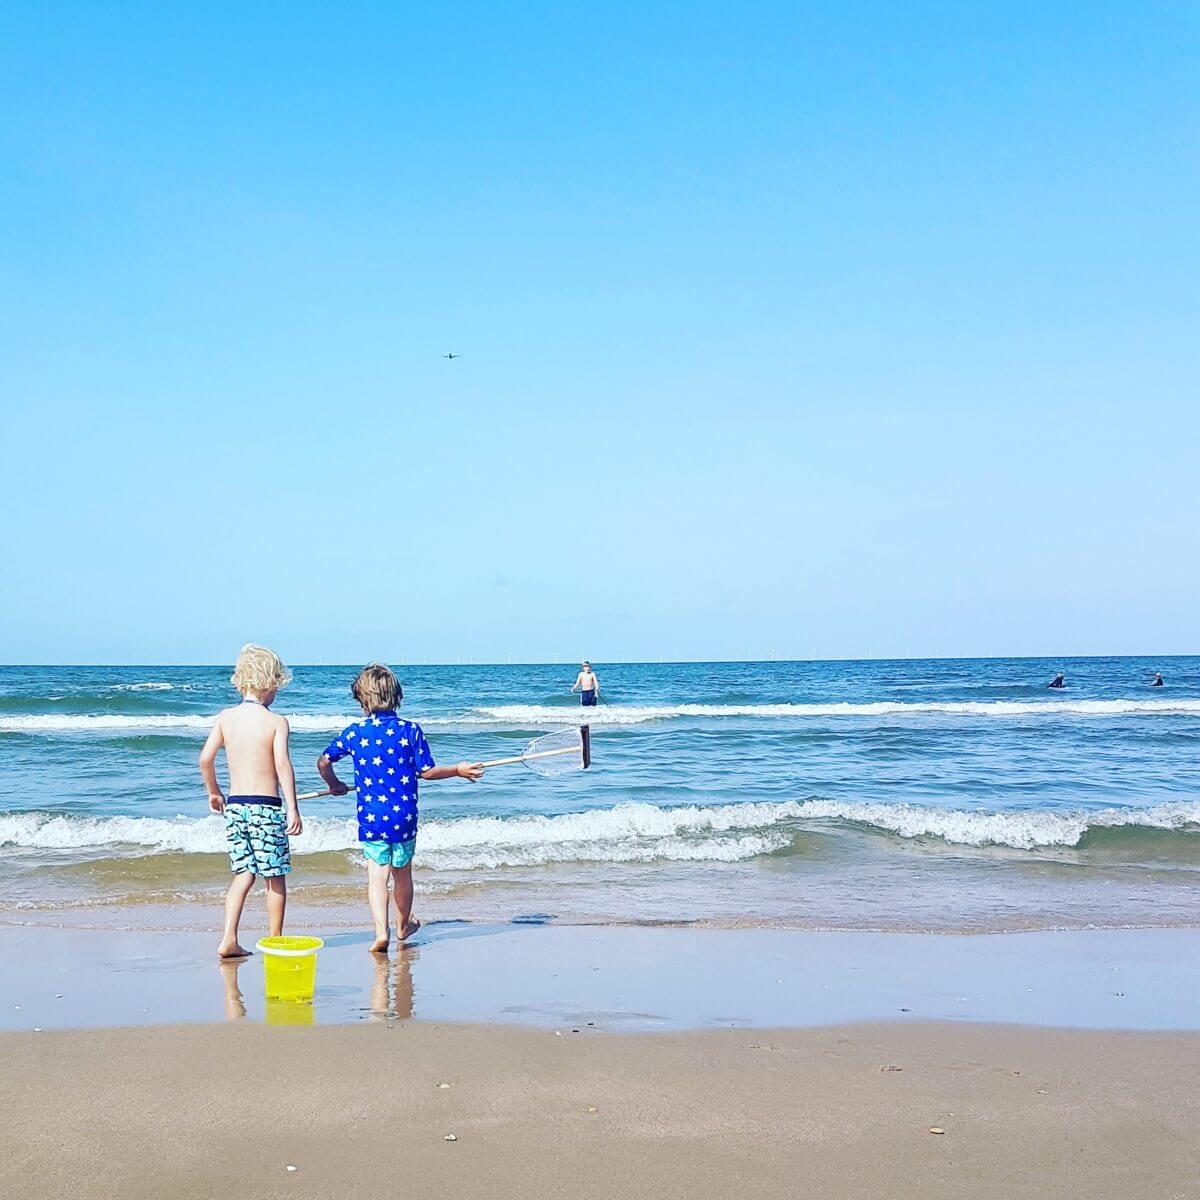 De leukste kindvriendelijke strandtenten in heel Nederland - Deining aan zee